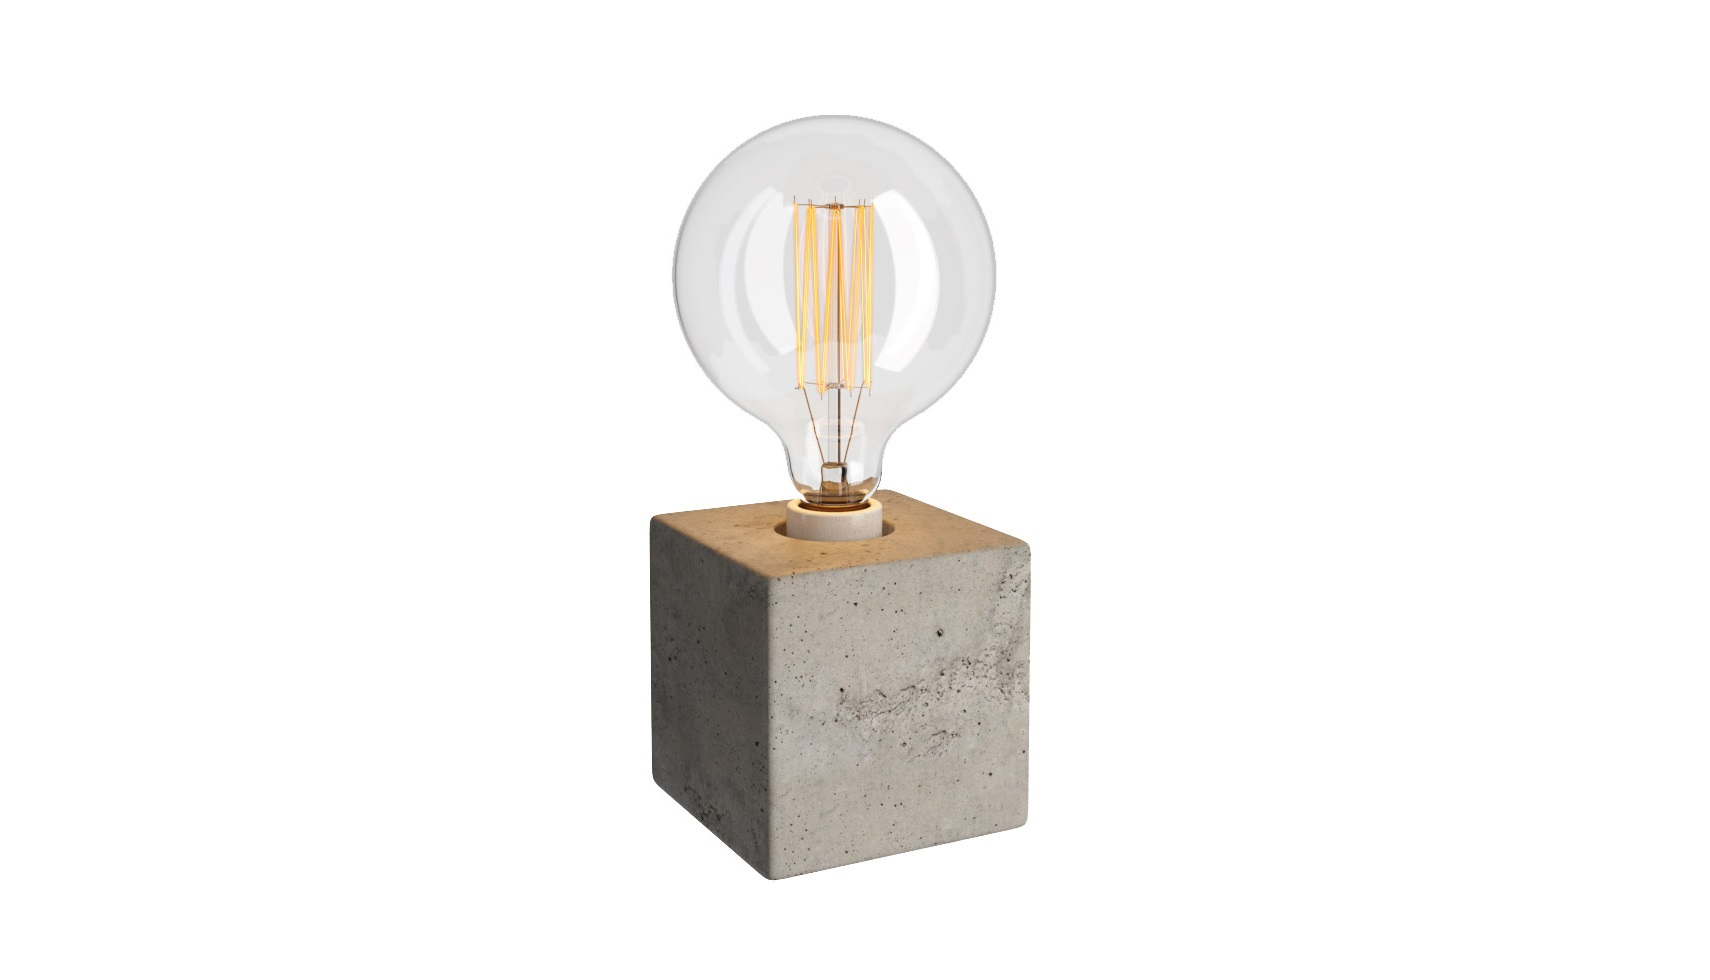 Настольная лампа Cube Table LampДекоративные лампы<br>Простота форм &amp;quot;Cube Table Lamp&amp;quot; на деле оригинальна и притягательна. Сочетание строгой геометрии квадратной подставки и округлого силуэта самой лампы создает удивительно противоречивый, притягивающий к себе внимание дизайн. Контрасты лофта находят продолжение и в комбинации материалов. Хрупкость стекла смотрится особенно утонченно в тандеме с массивным основанием, изготовленным в виде монолитного бетонного куба.&amp;lt;div&amp;gt;&amp;lt;br&amp;gt;&amp;lt;/div&amp;gt;&amp;lt;div&amp;gt;Цоколь: E27.&amp;lt;/div&amp;gt;&amp;lt;div&amp;gt;Мощность лампы: 40w.&amp;lt;/div&amp;gt;&amp;lt;div&amp;gt;Лампа в комплект входит.&amp;lt;/div&amp;gt;<br><br>Material: Стекло<br>Width см: 12<br>Depth см: 12